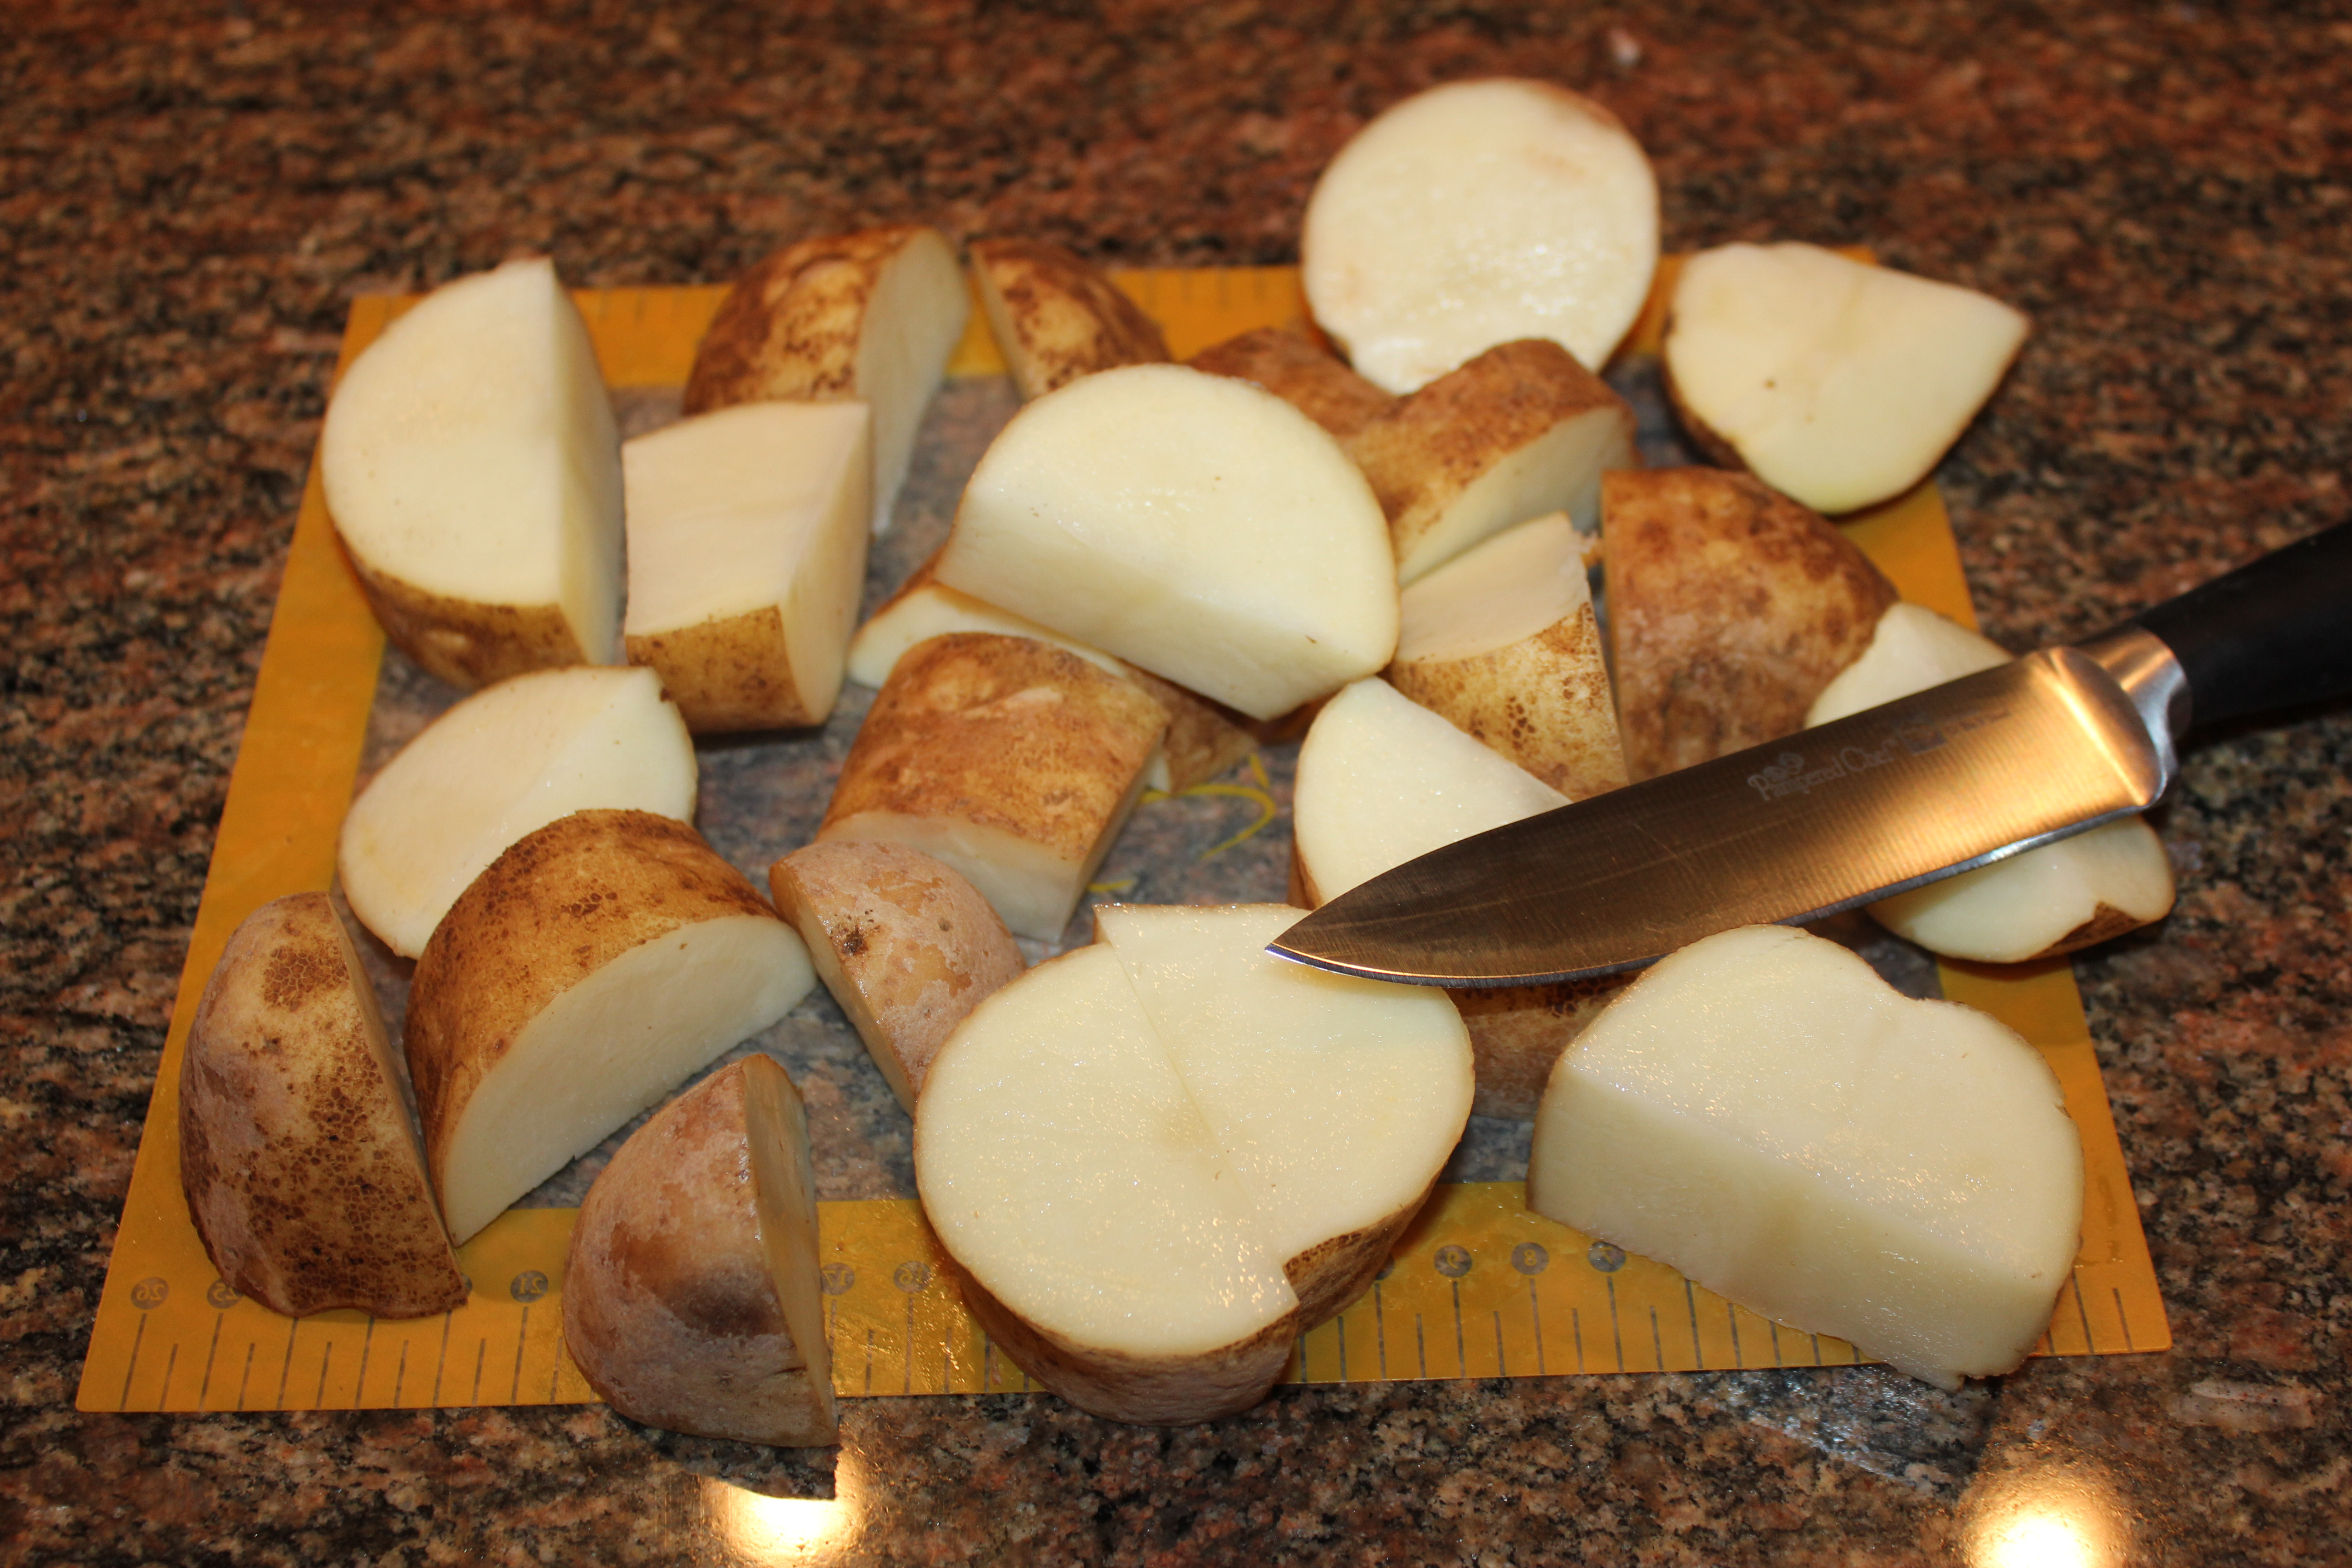 Kel S Twice Baked Potato Casserole Rockcrok 174 Style Kel